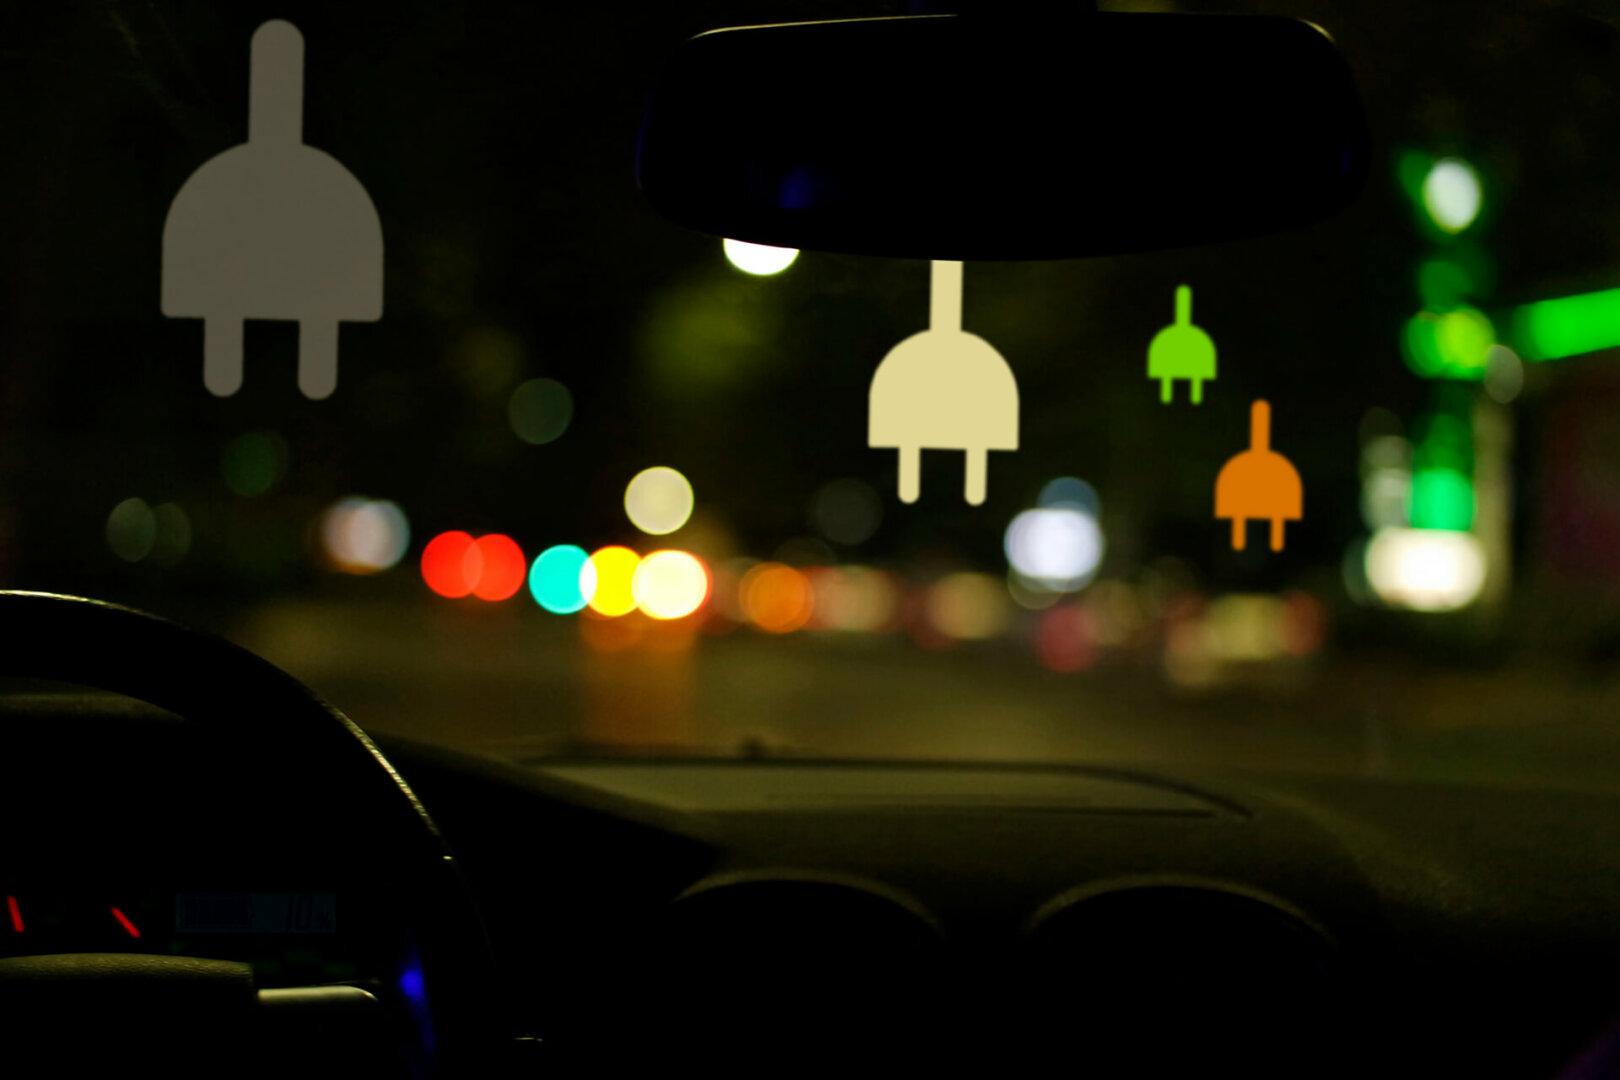 Ladestecker und Ladekabel für E-Autos